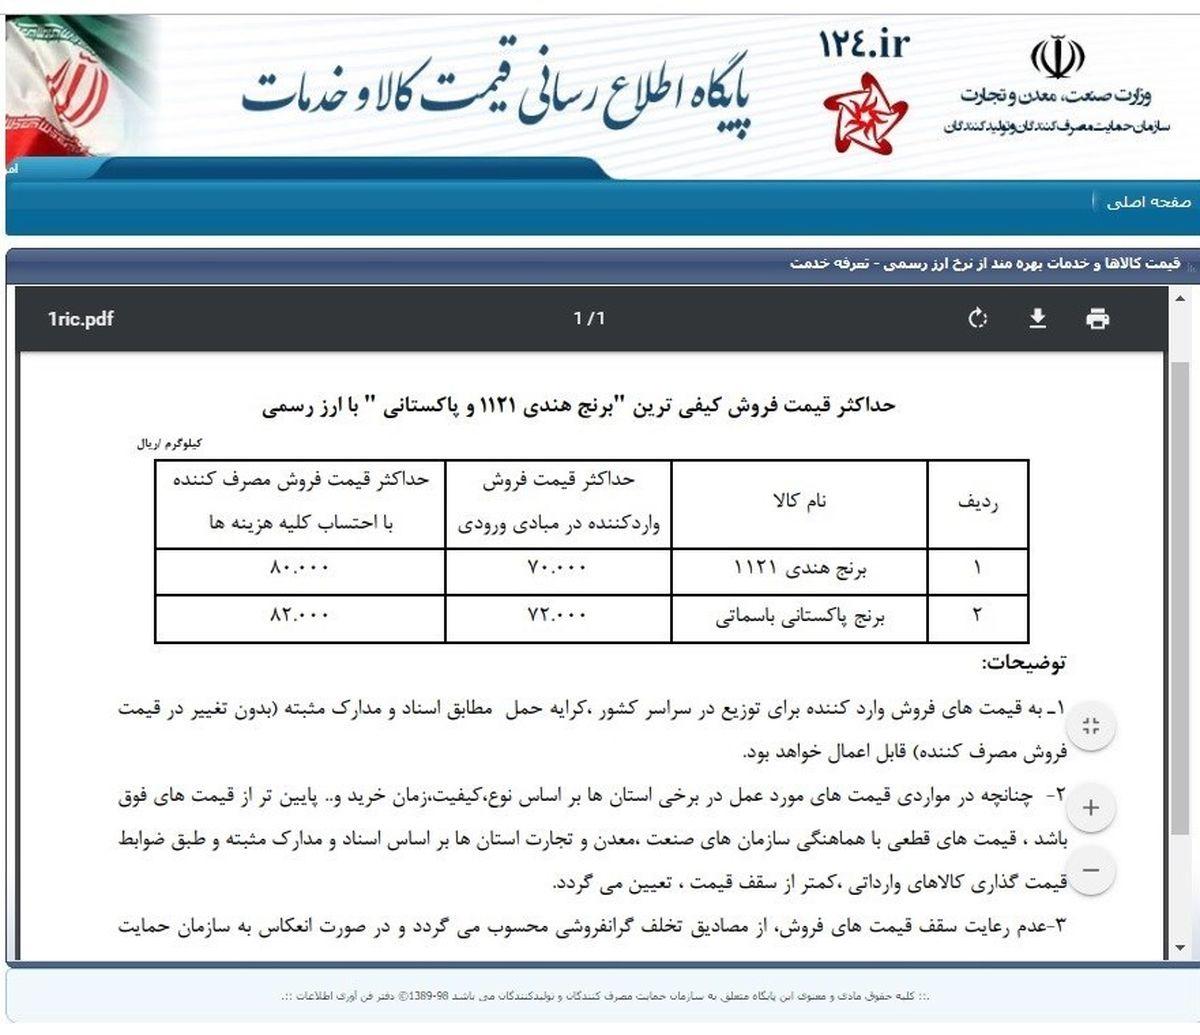 قیمت برنج ایرانی سوار بر قطار گرانی